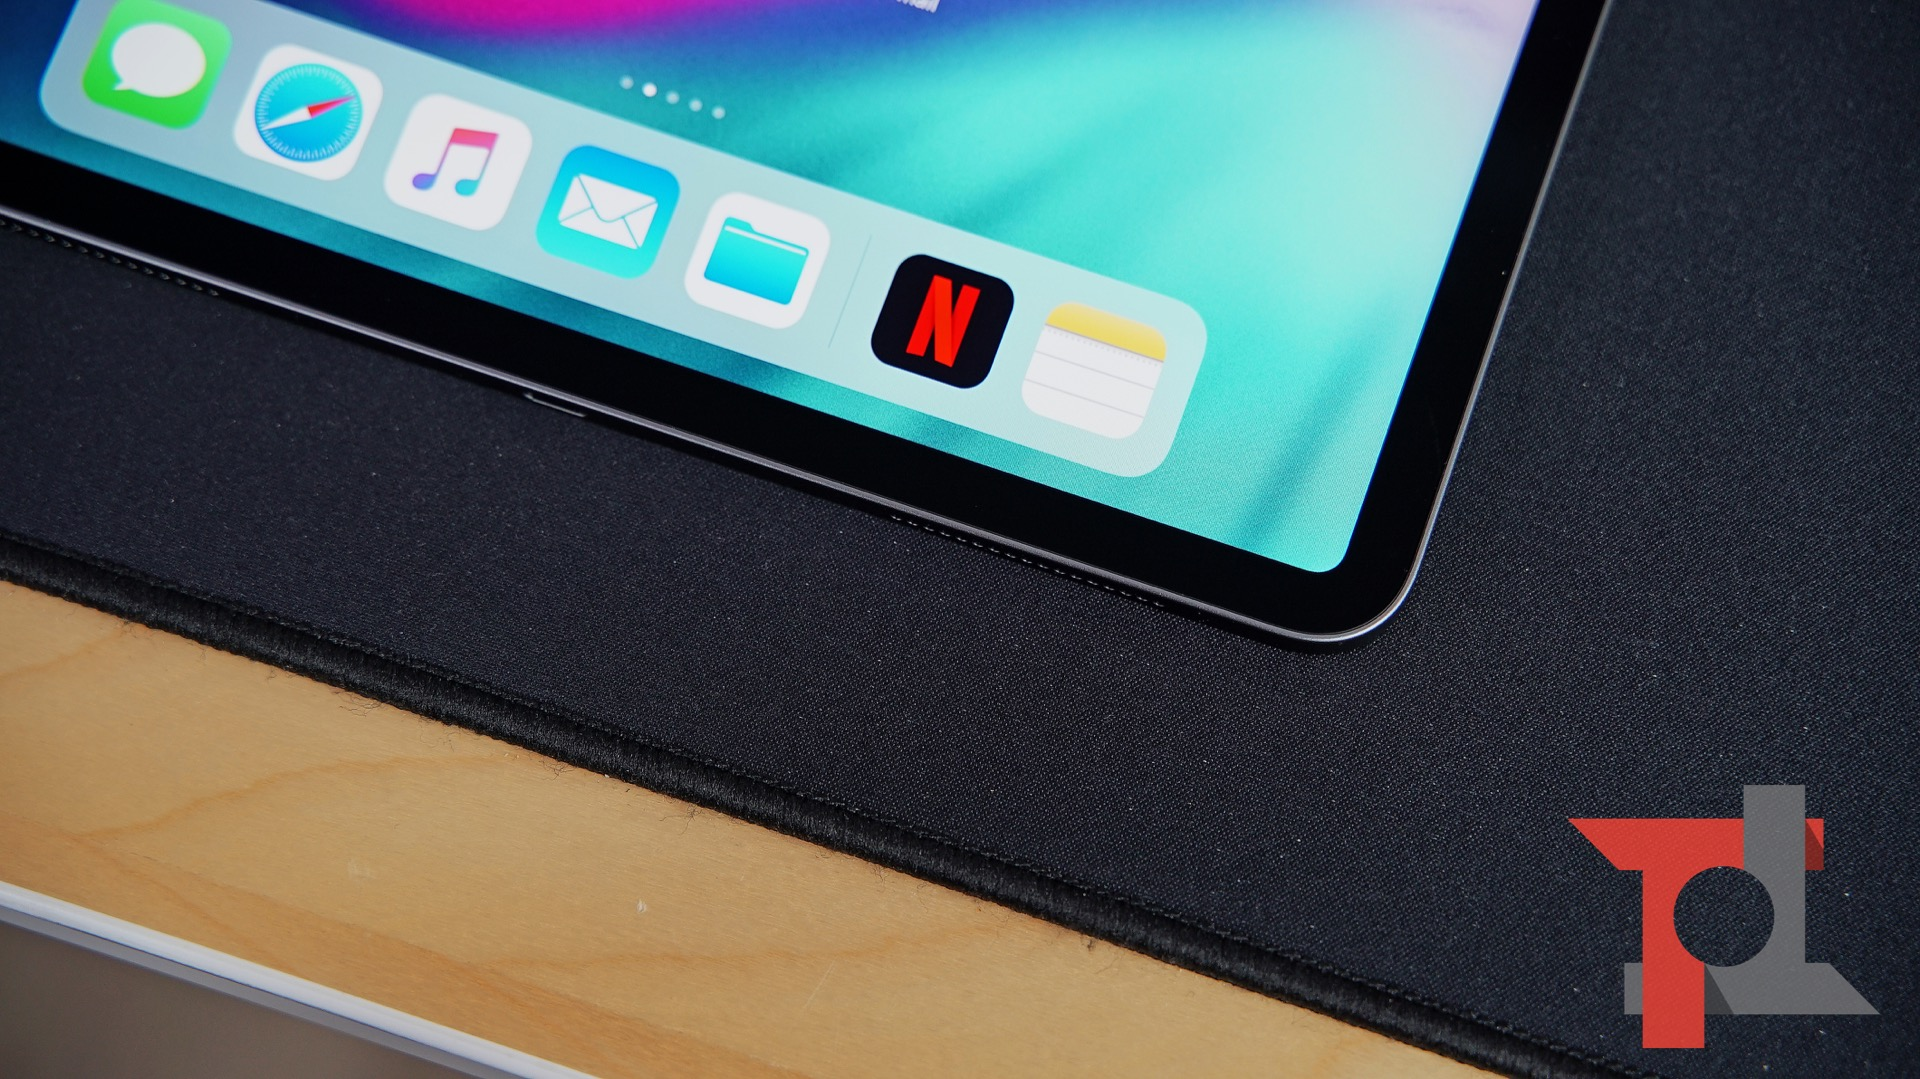 Recensione iPad Pro (2018): per i meno esigenti, può sostituire un PC 9